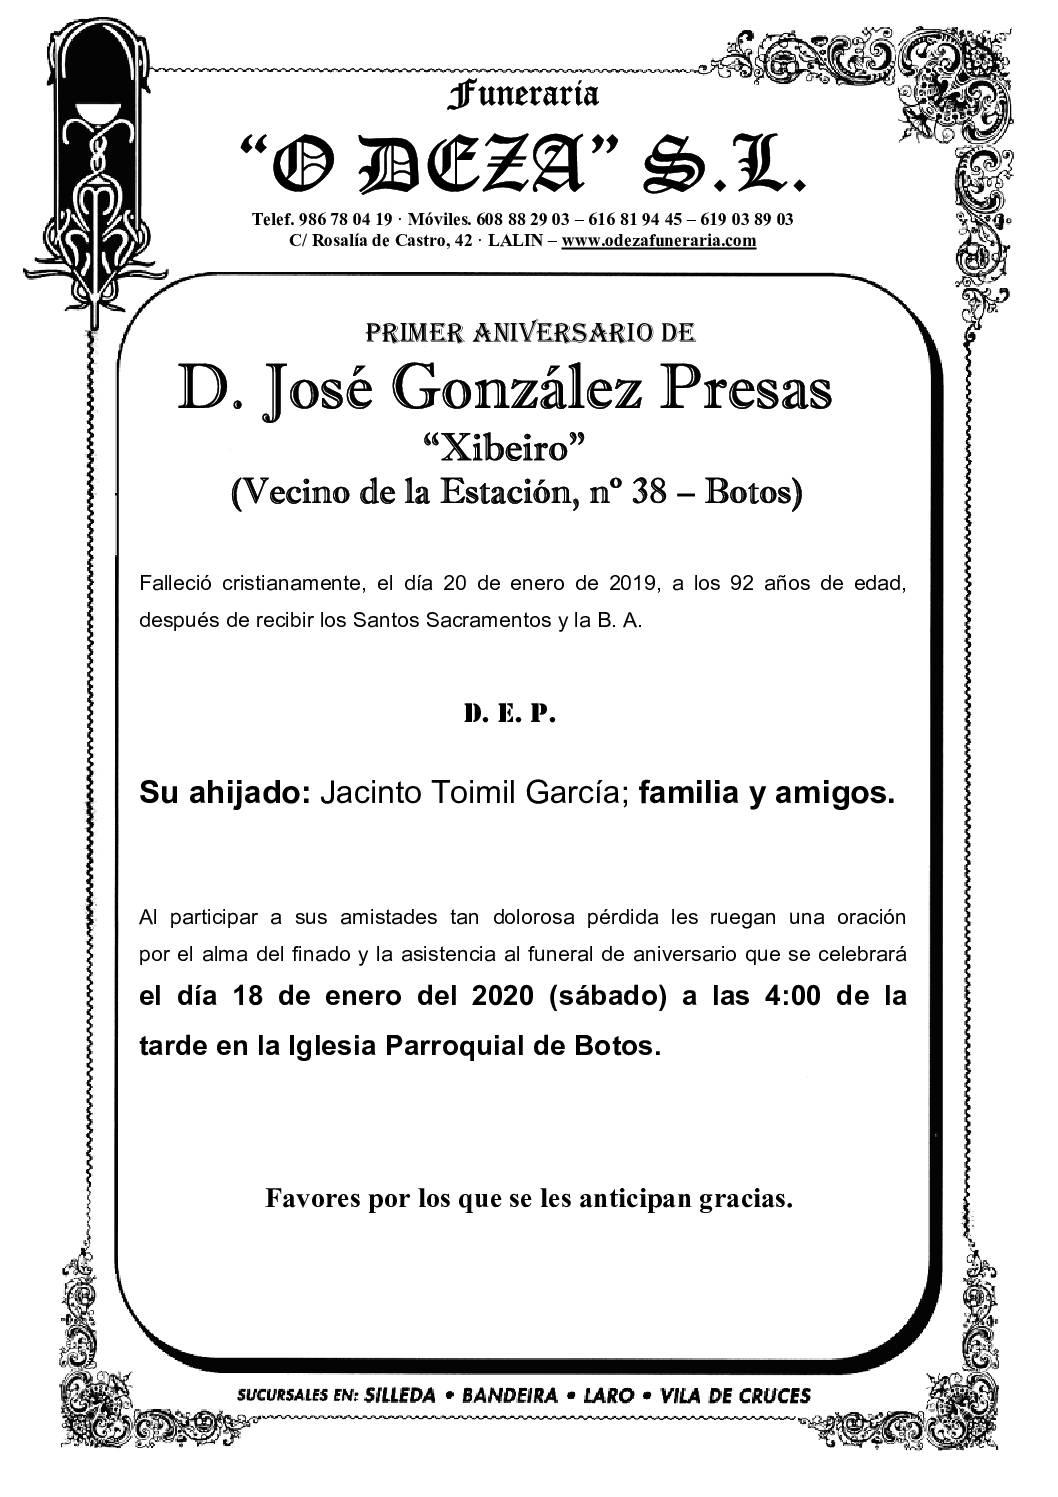 D. JOSÉ GONZÁLEZ PRESAS